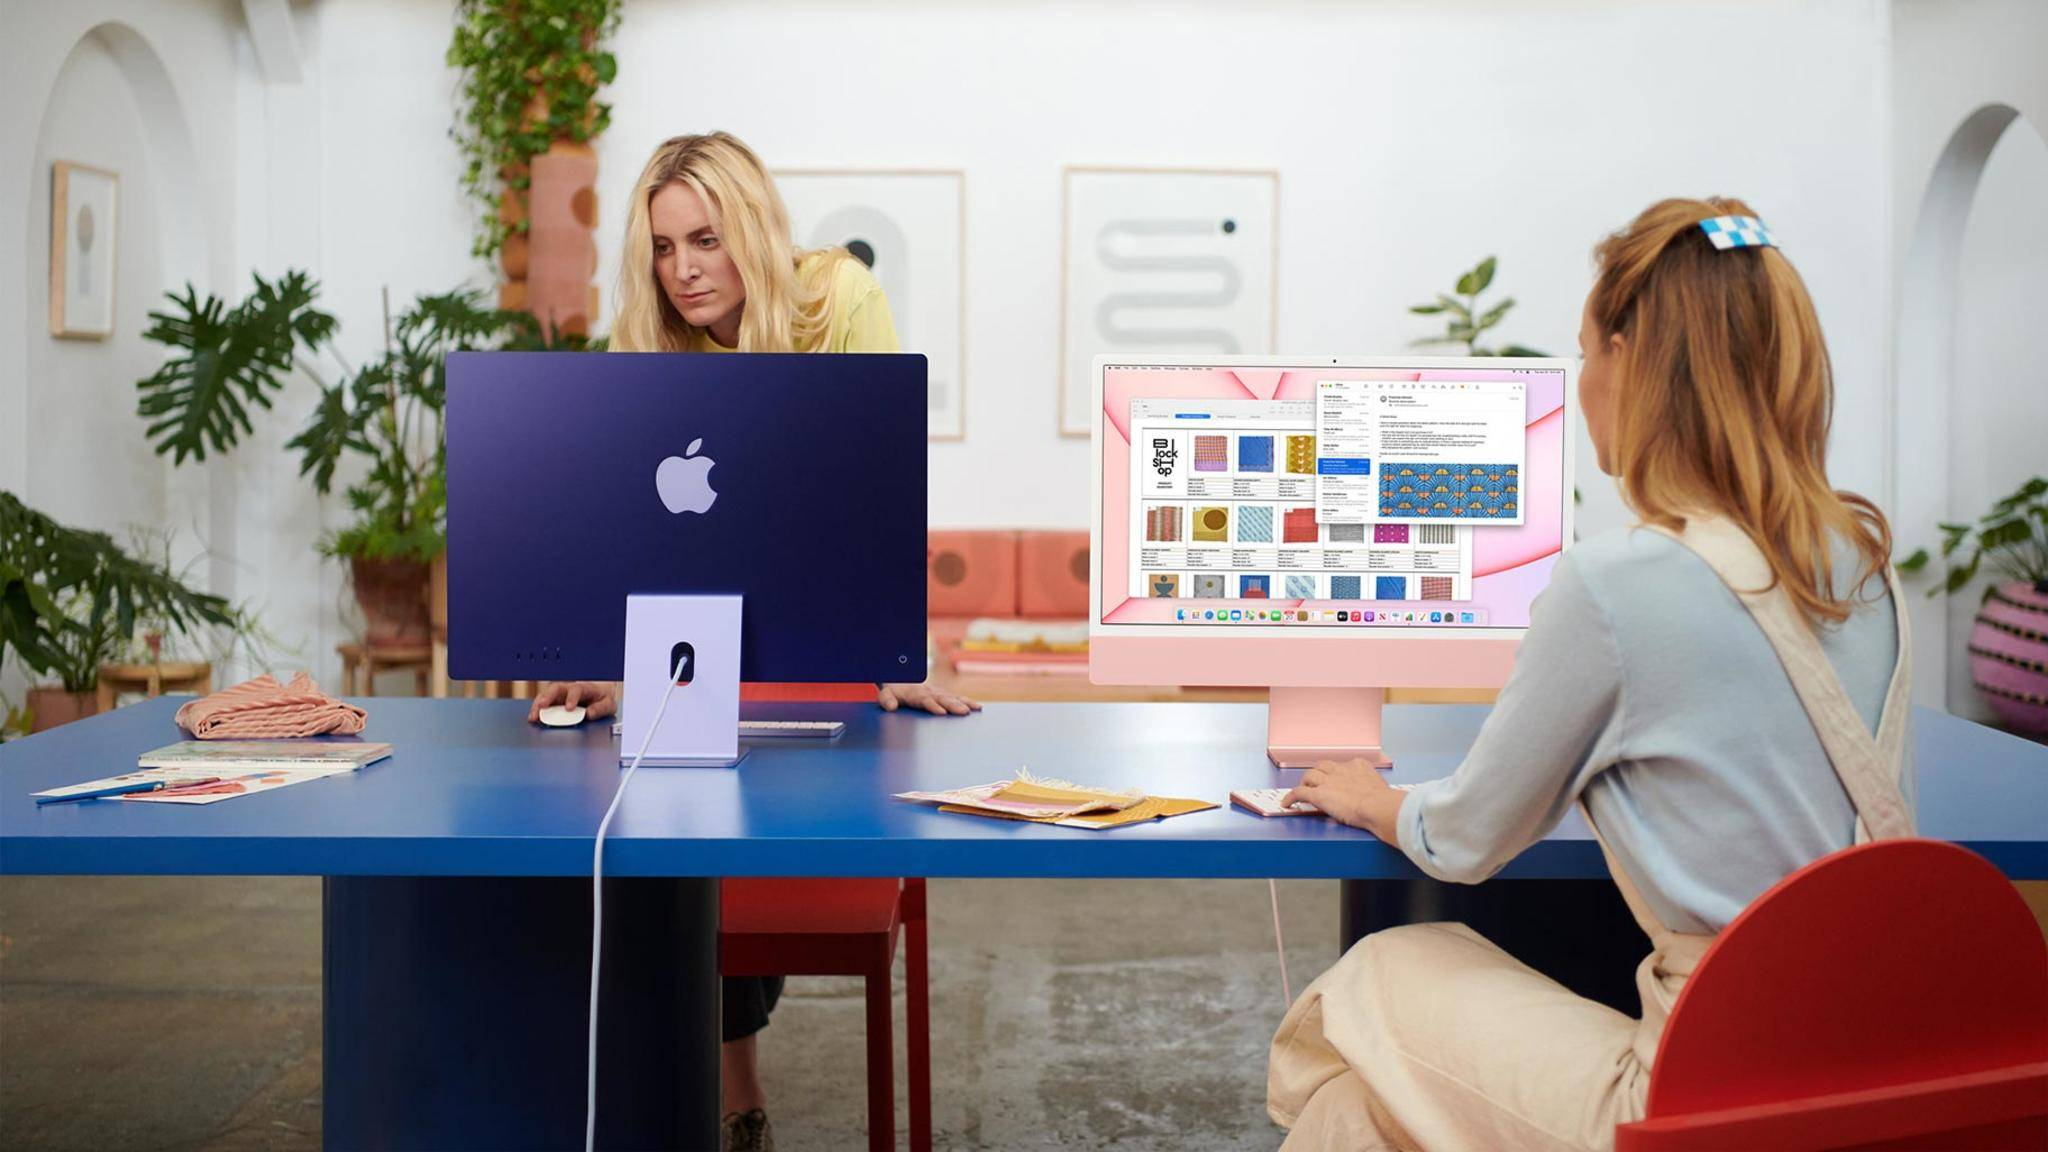 Der aktuelle 24-Zoll-iMac soll ursprünglich mit Face ID geplant gewesen sein.